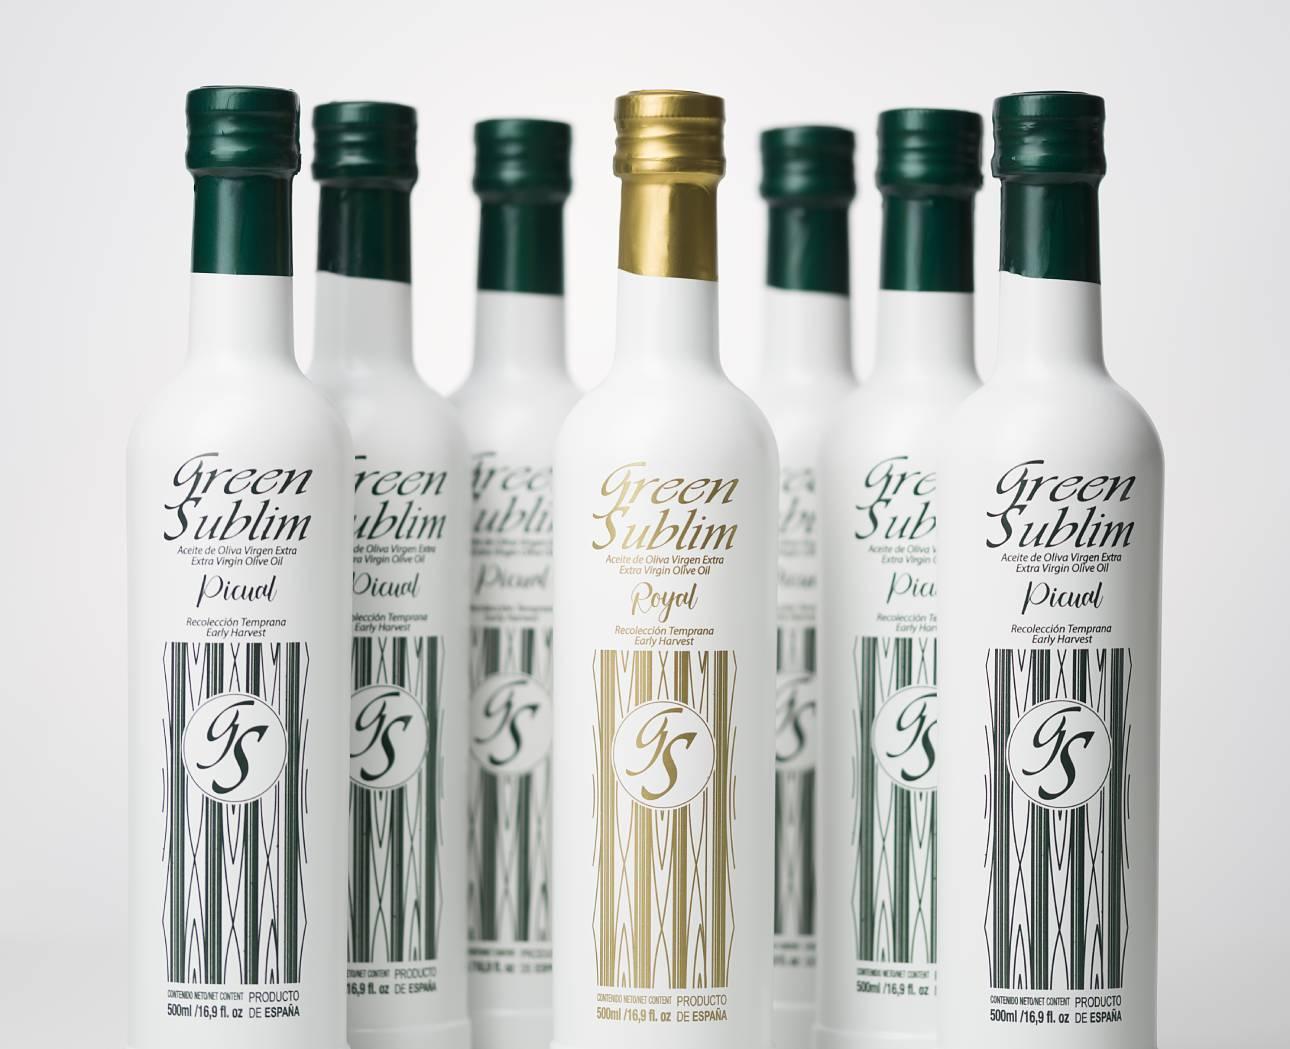 aceites de oliva virgen extra de Jaén